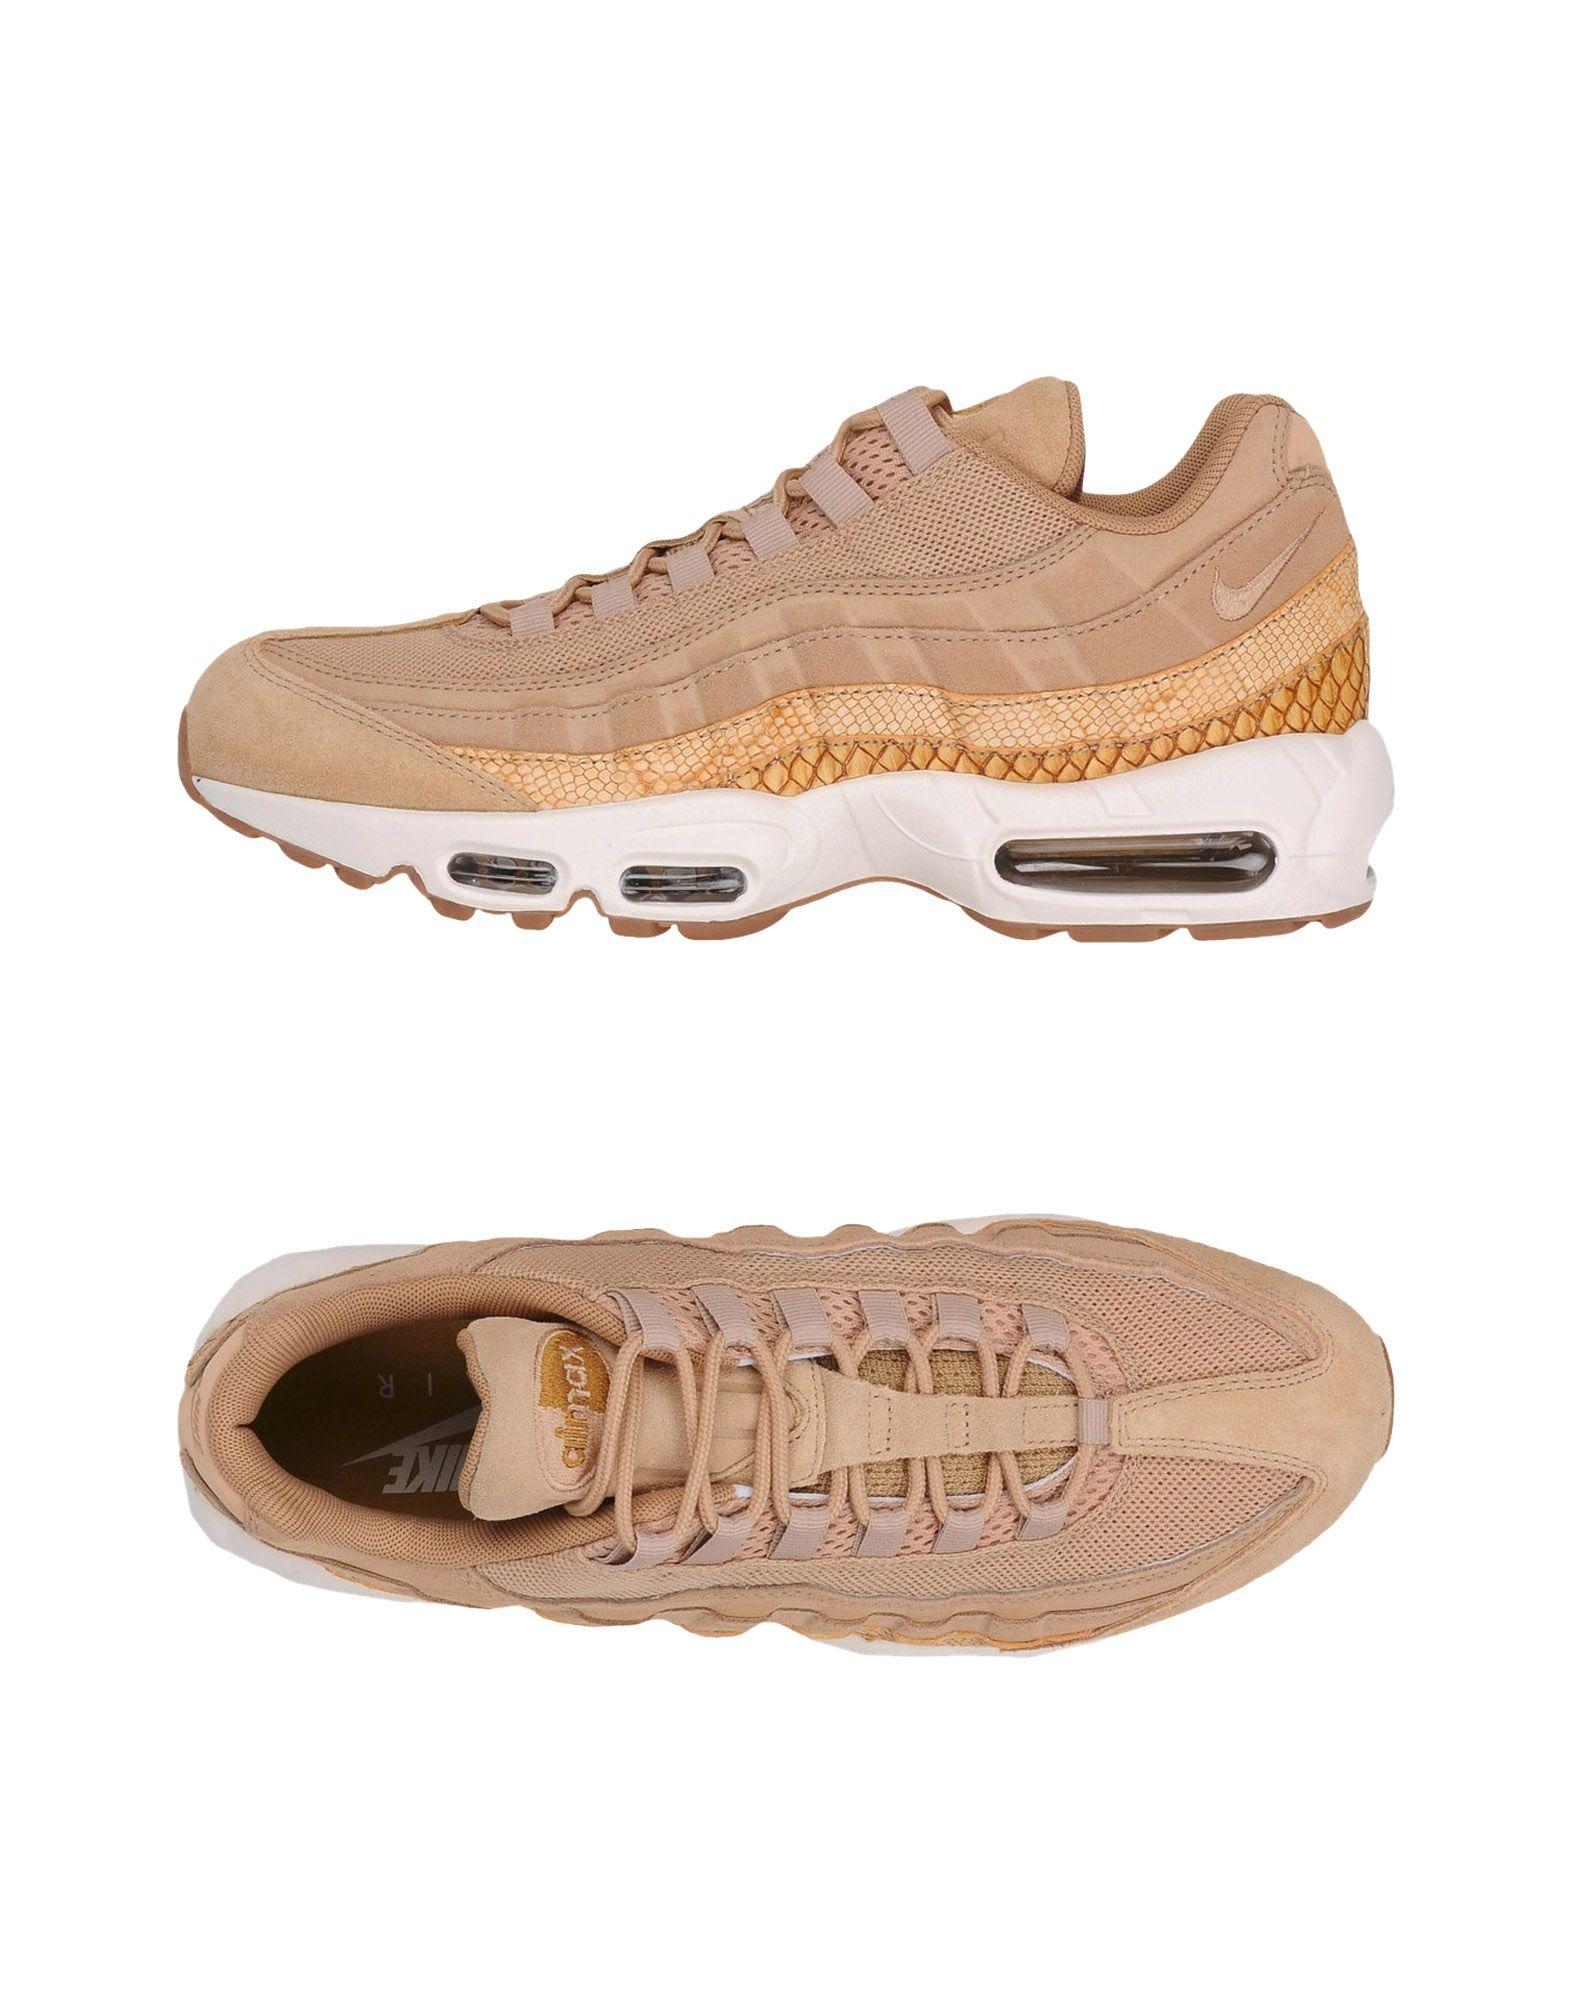 Sneakers Nike  Air Max 95 Premium - Uomo - Acquista online su